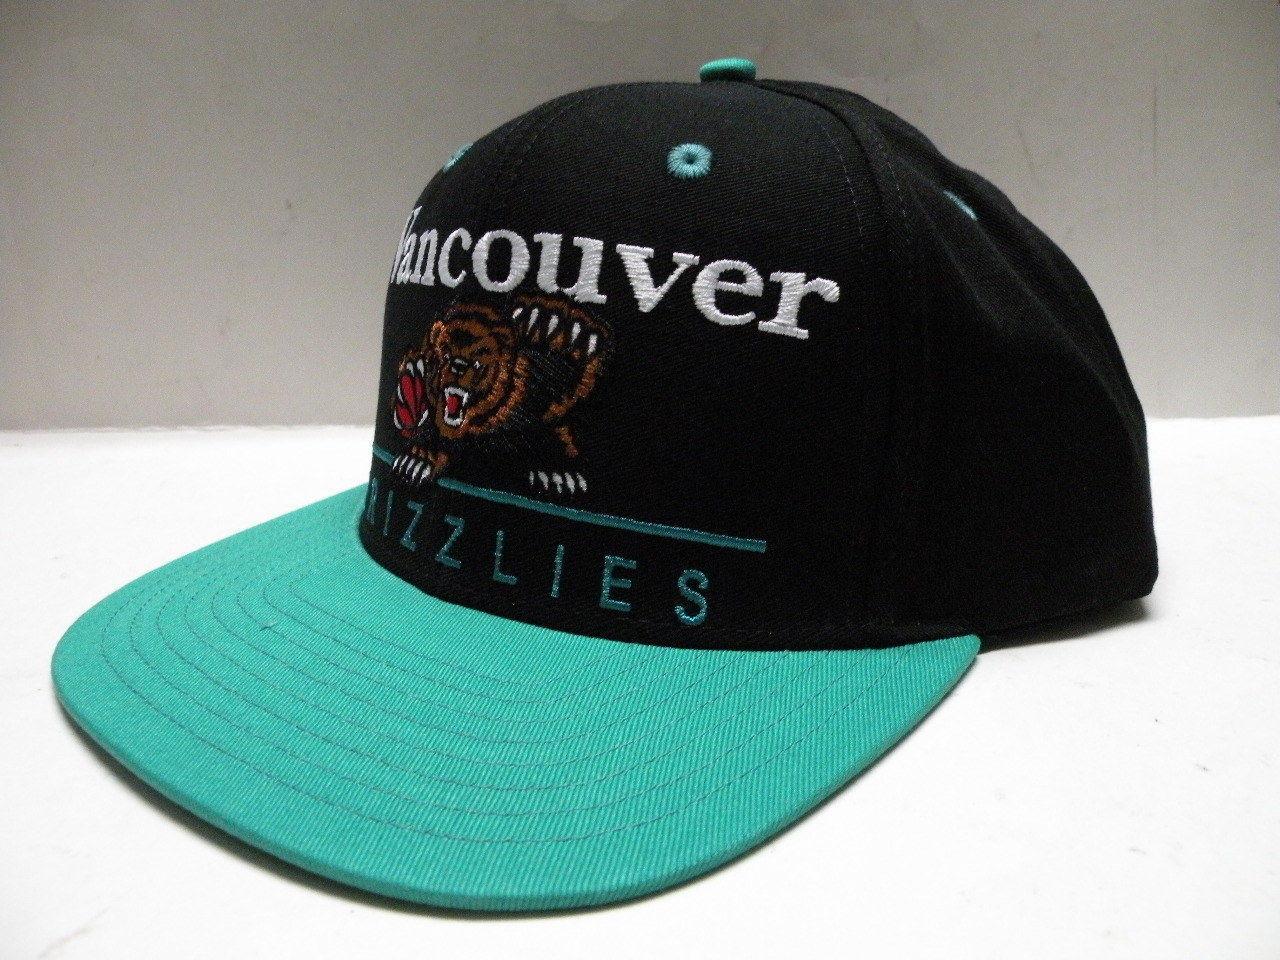 NBA Vancouver Grizzlies Block Script Black 2 Tone Snapback Cap Memphis